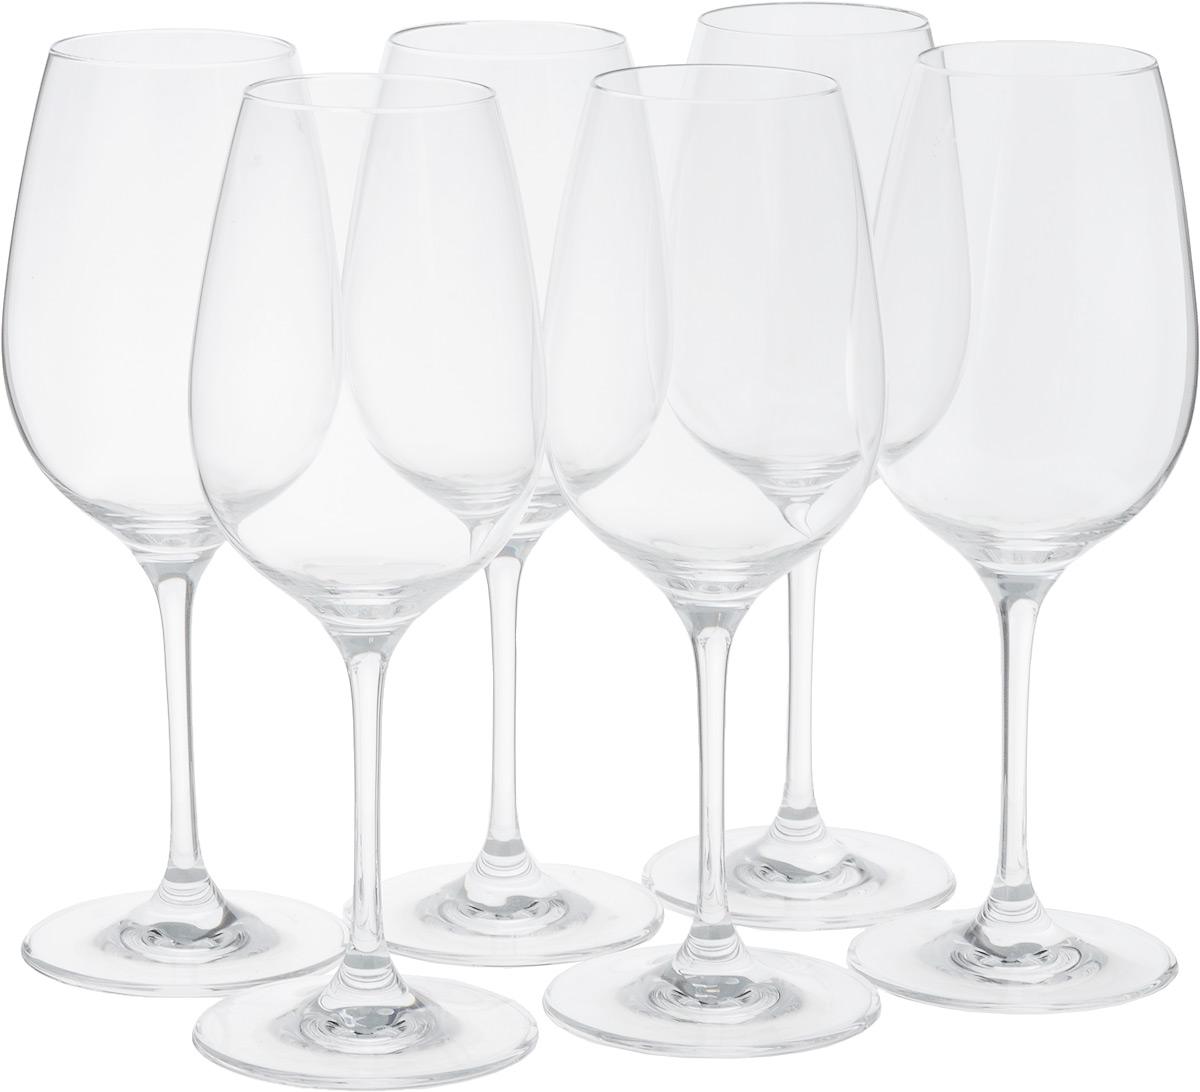 Набор бокалов для красного вина Tescoma Sommelier, 450 мл, 6шт44169BНабор Tescoma Sommelier состоит из 6 бокалов, выполненных из прочного натрий-кальций-силикатного стекла. Изделия оснащены высокими ножками и предназначены для подачи красного вина. Они сочетают в себе элегантный дизайн и функциональность. Набор бокалов Tescoma Sommelier прекрасно оформит праздничный стол и создаст приятную атмосферу за романтическим ужином. Такой набор также станет хорошим подарком к любому случаю. Можно мыть в посудомоечной машине.Высота бокала: 22,5 см.Диаметр бокала (по верхнему краю): 5,5 см.